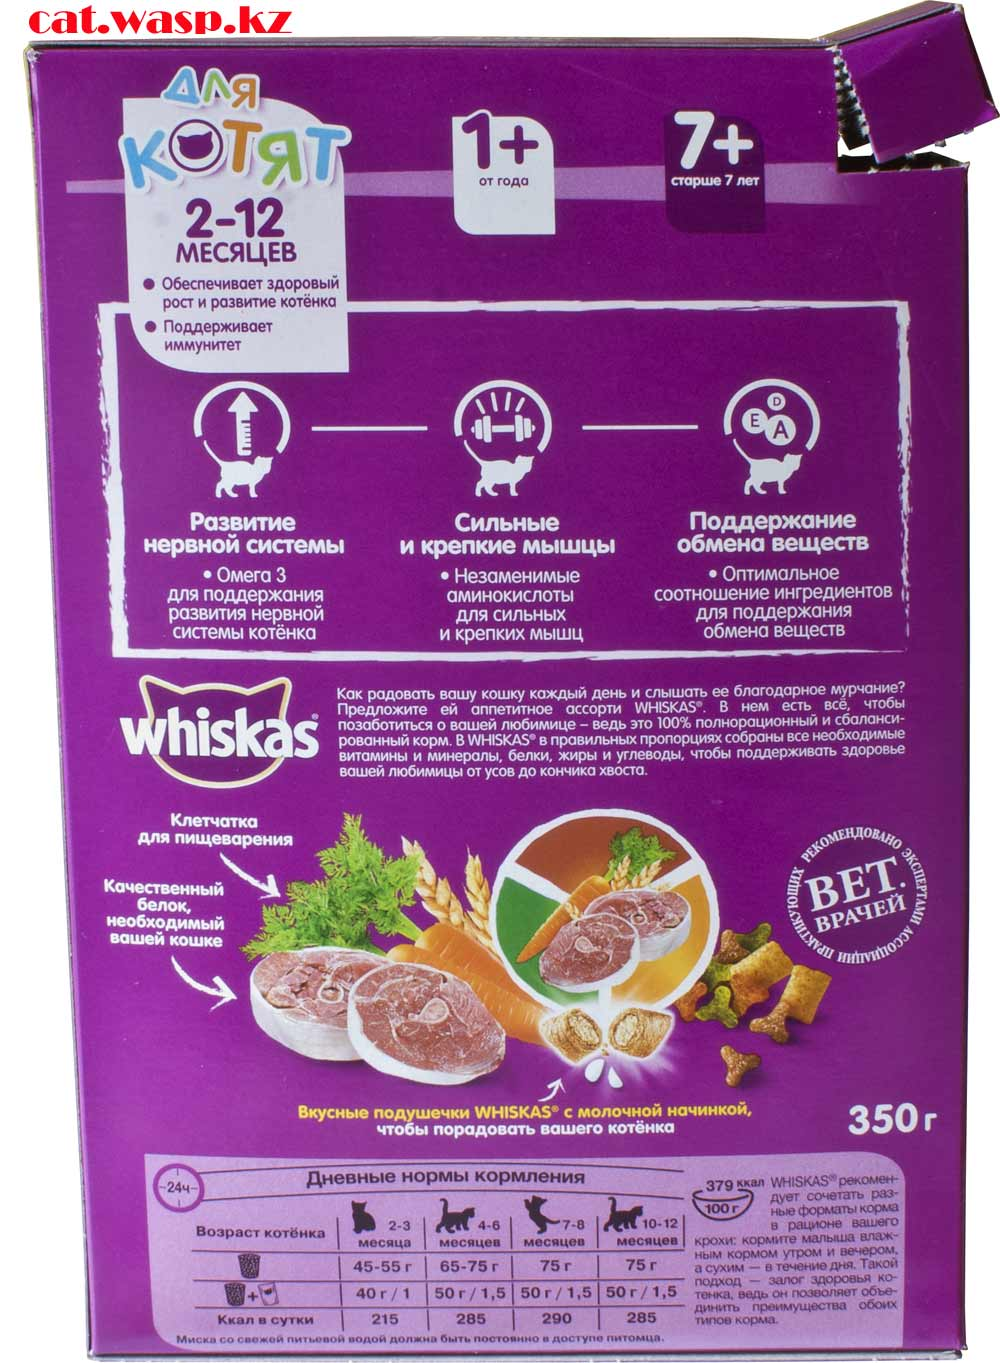 Полное описание и отзыв на сухой корм Whiskas для котят